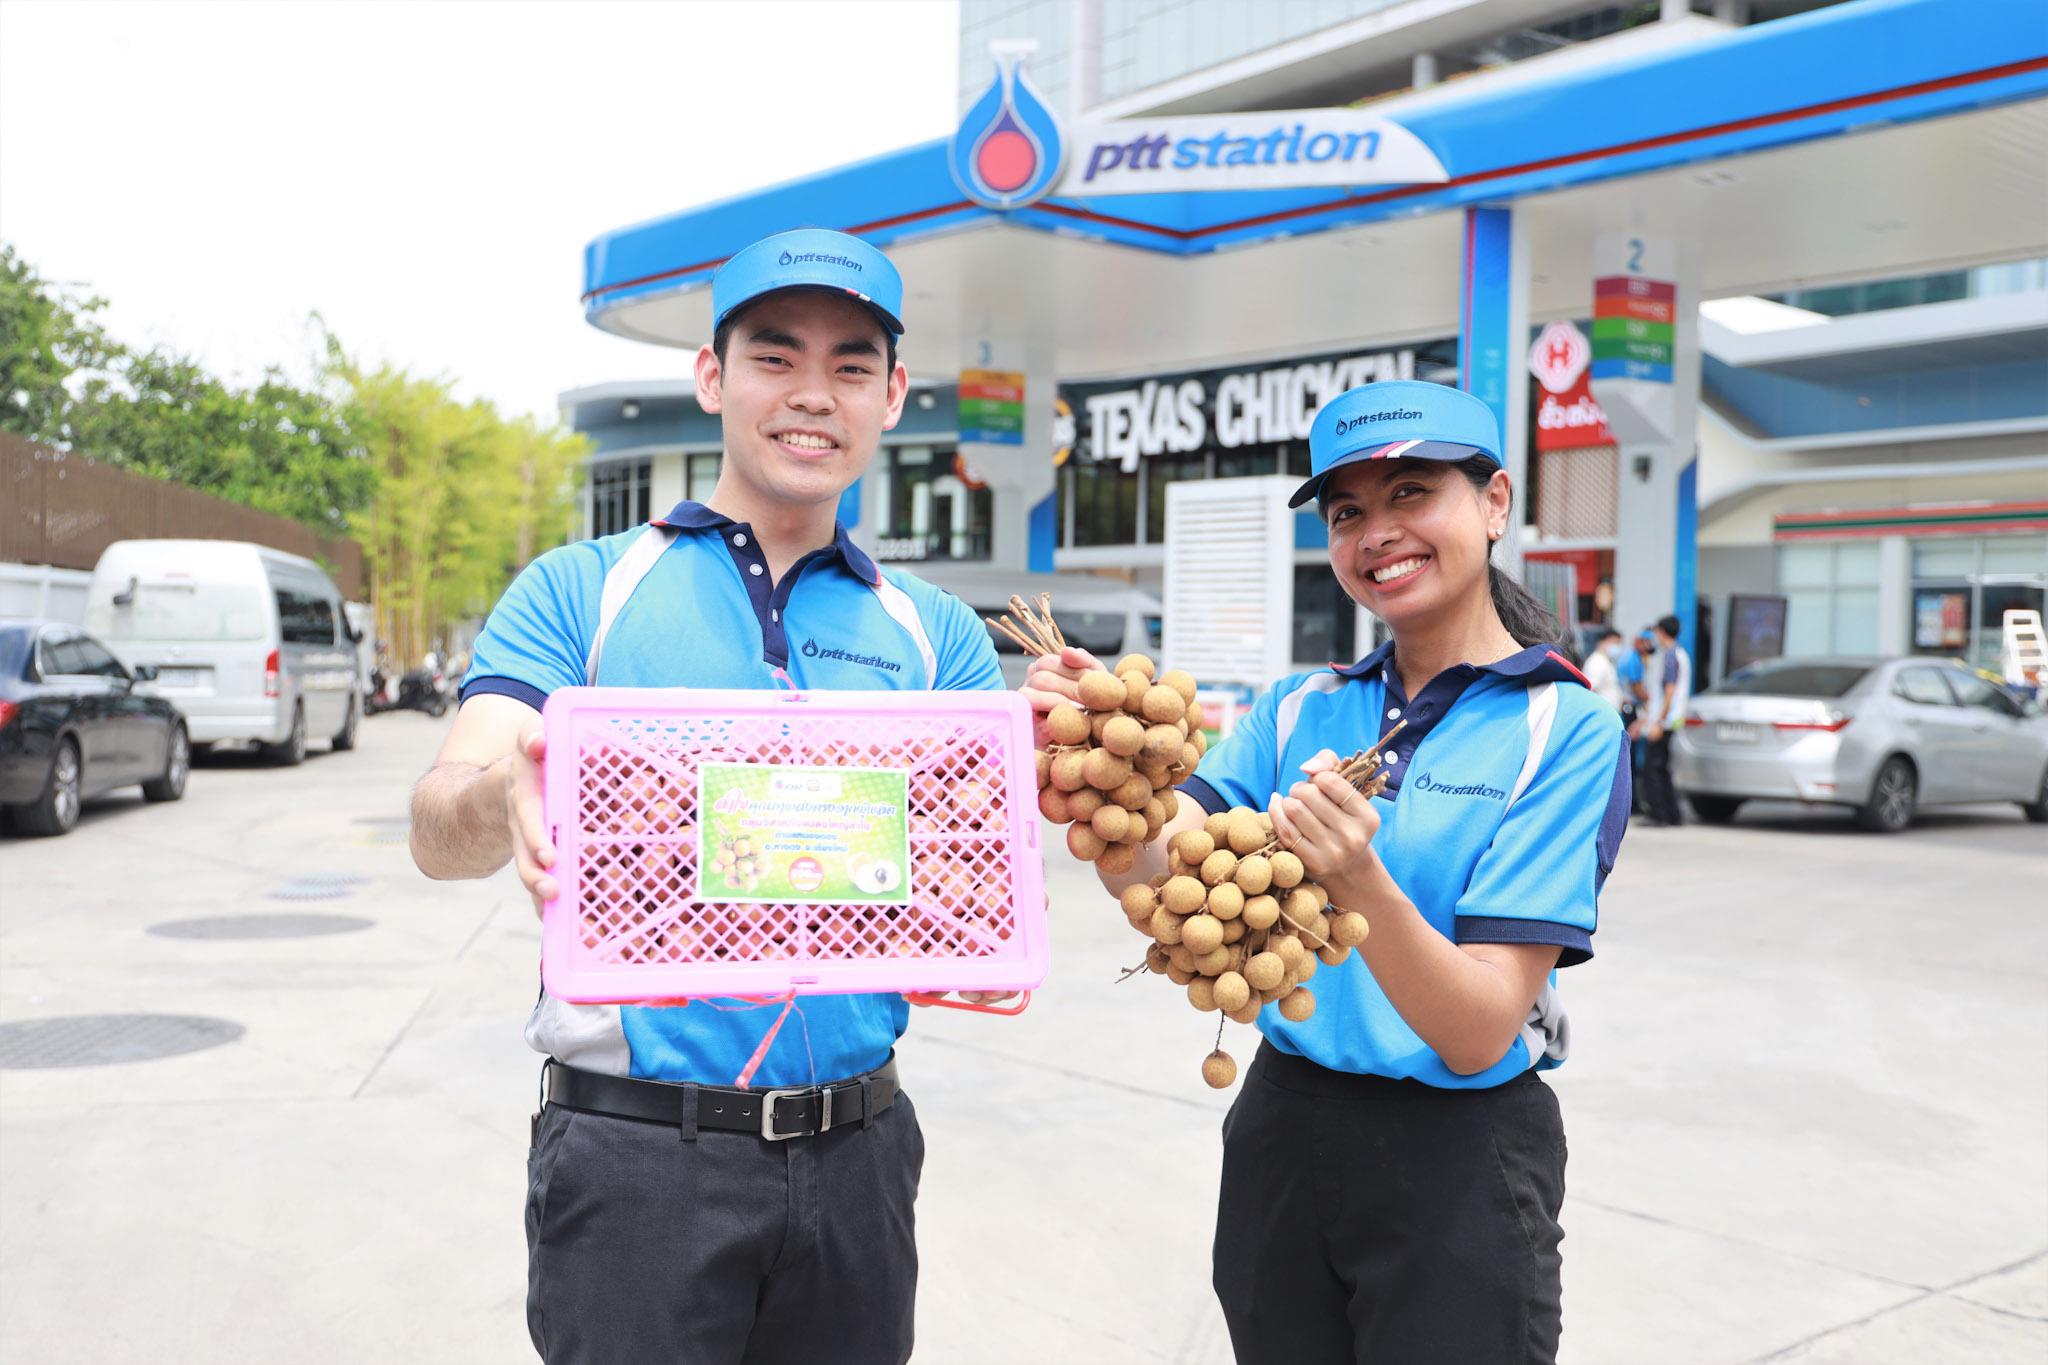 ธ.ก.ส. ร่วม PTT OR เปิดพื้นที่ปันสุขให้เกษตรกรจำหน่ายลำไยใน PTT STATION